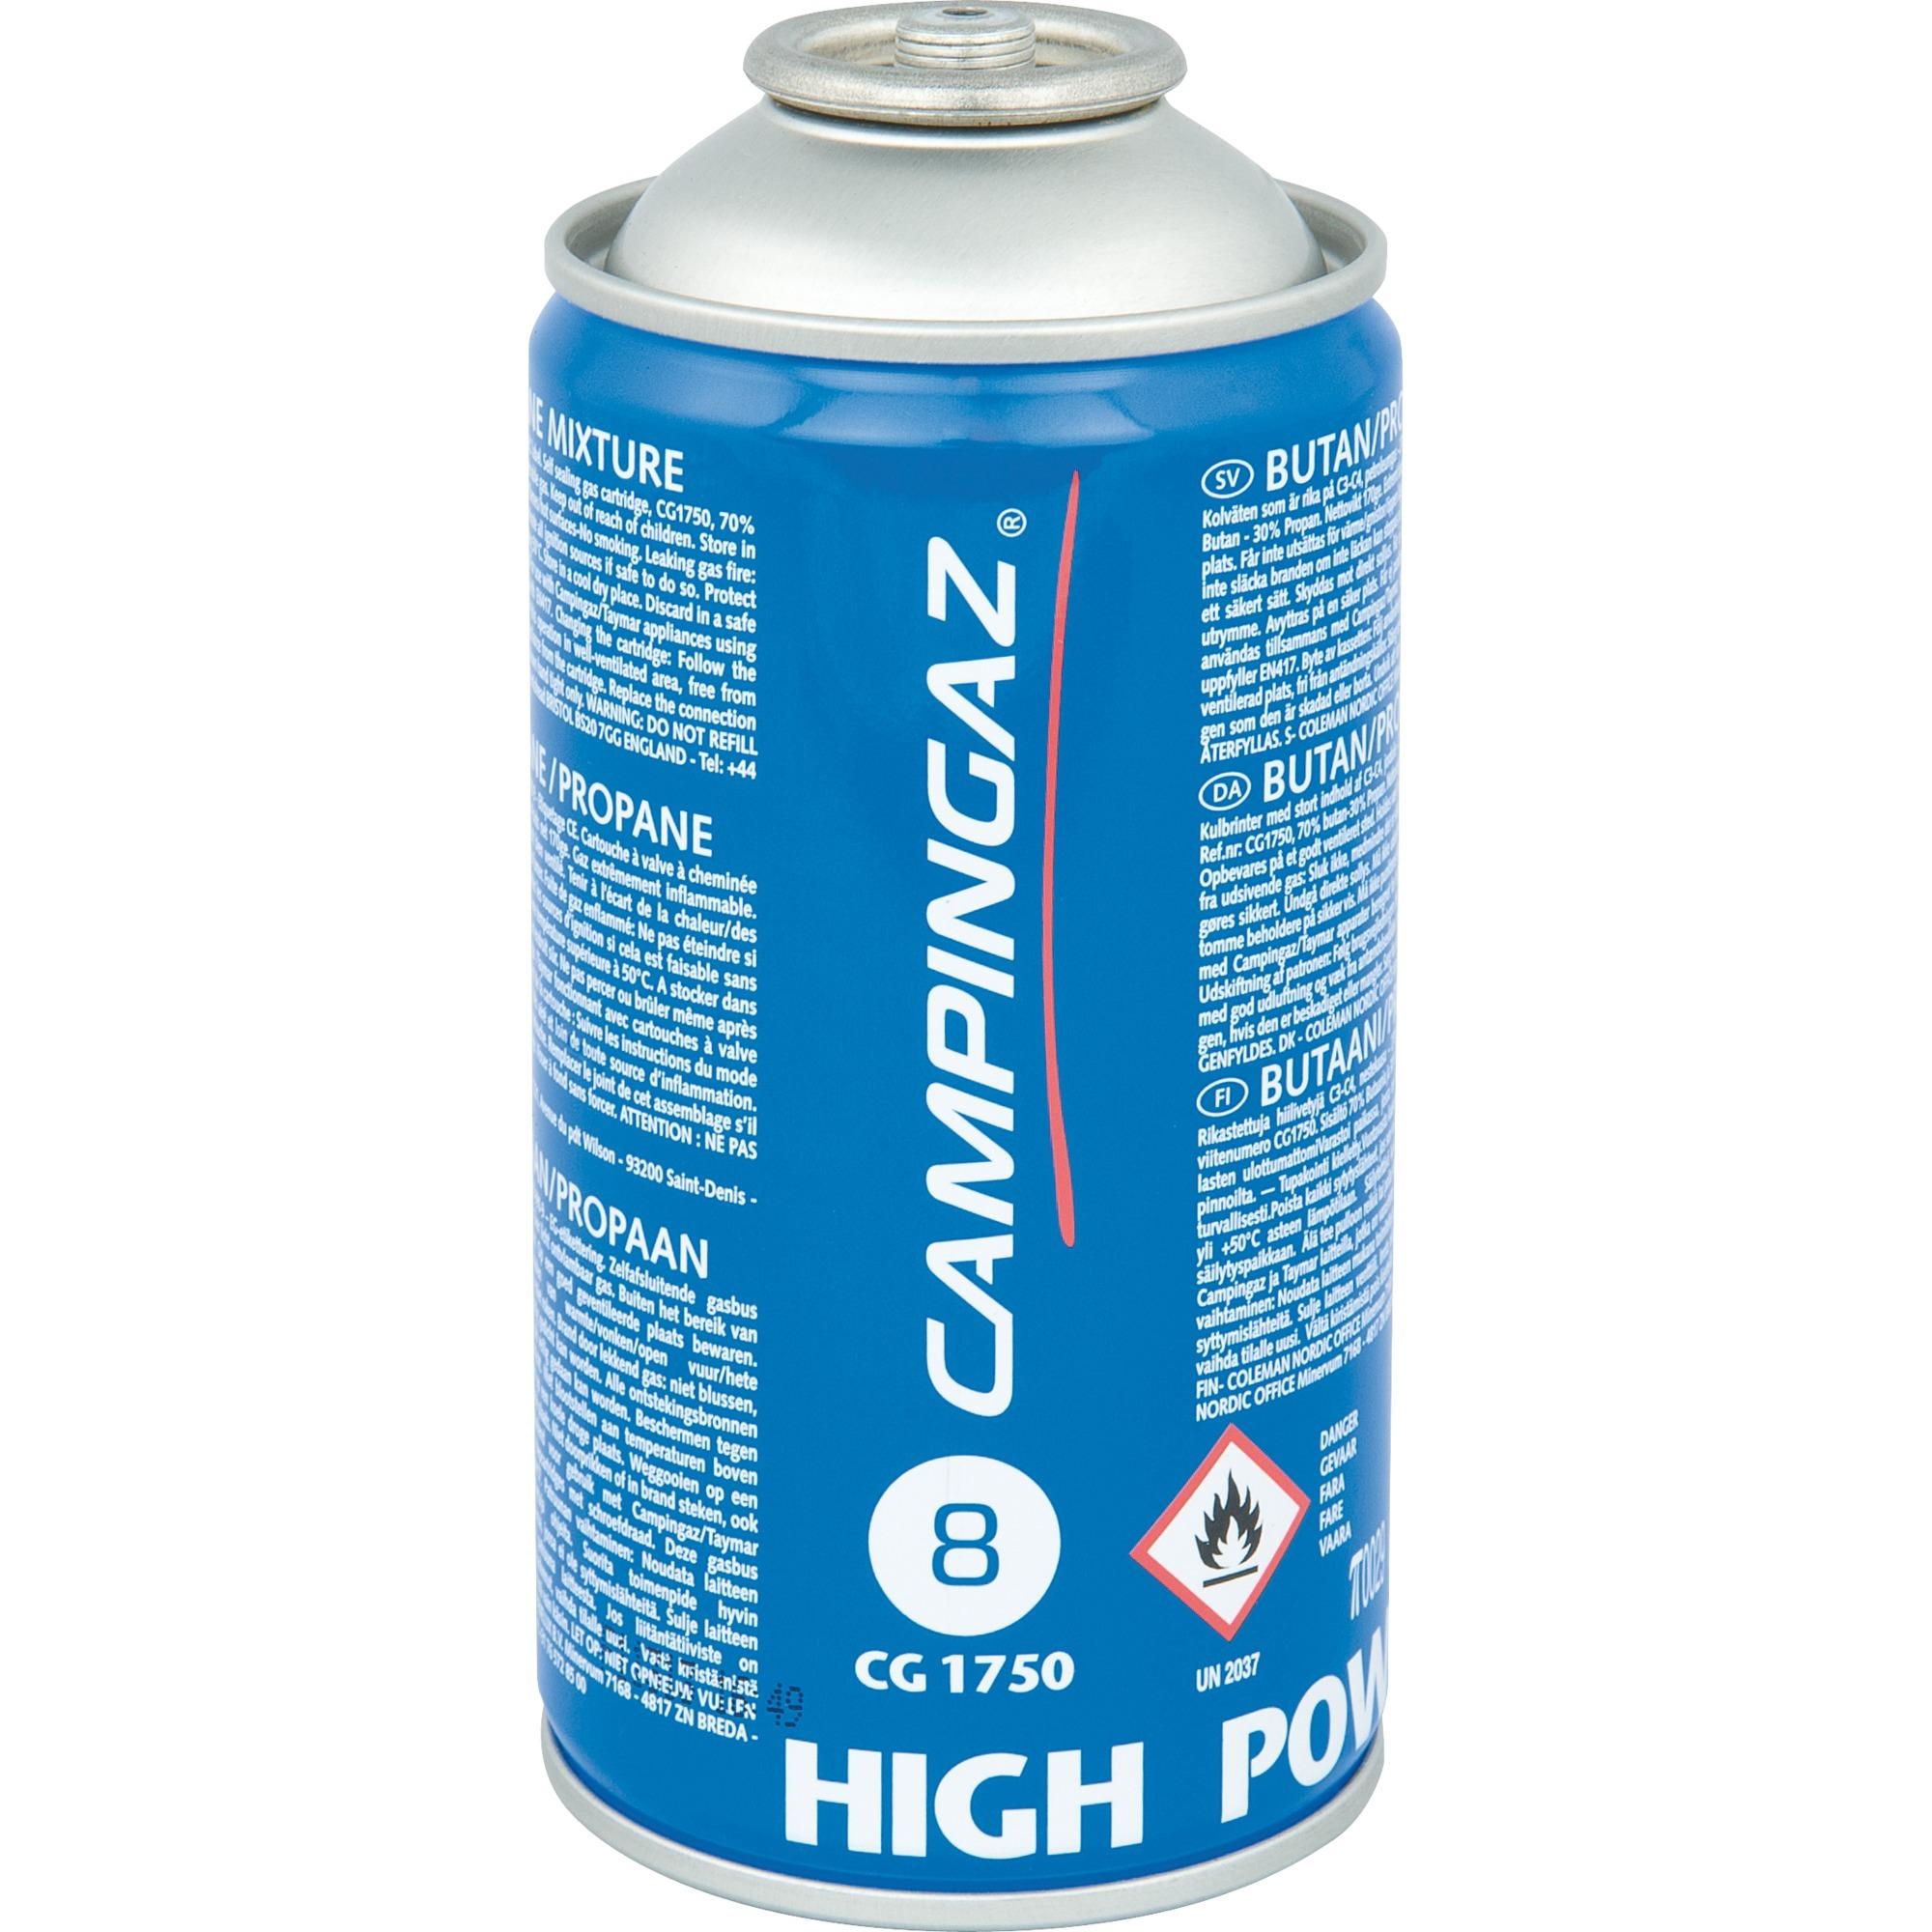 3000005016 175g Cilindro (rellenable) cartucho y cilindro de gas